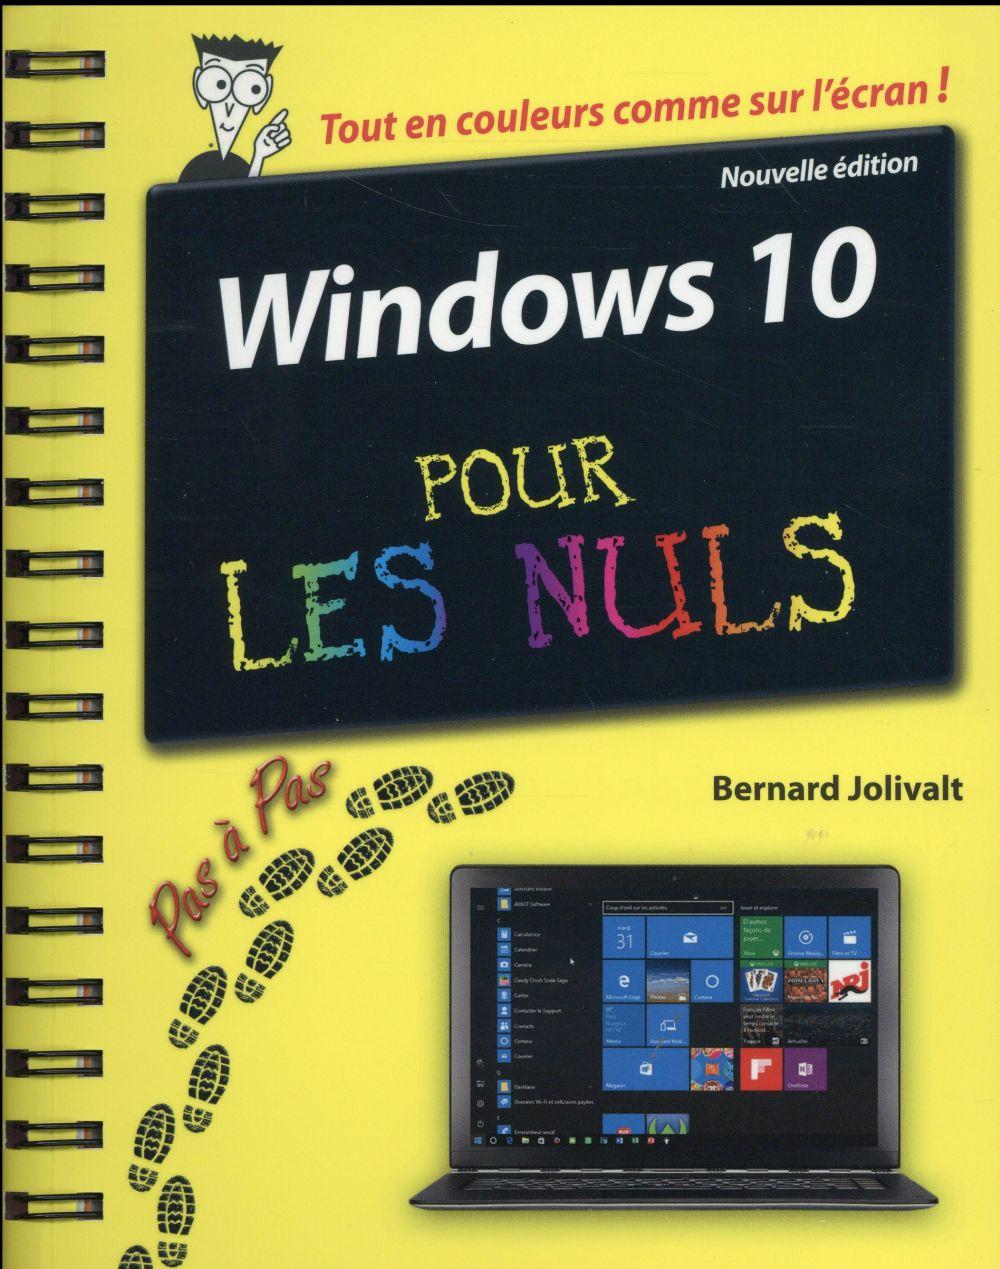 Jolivalt Bernard - WINDOWS 10 PAS A PAS POUR LES NULS 2ED